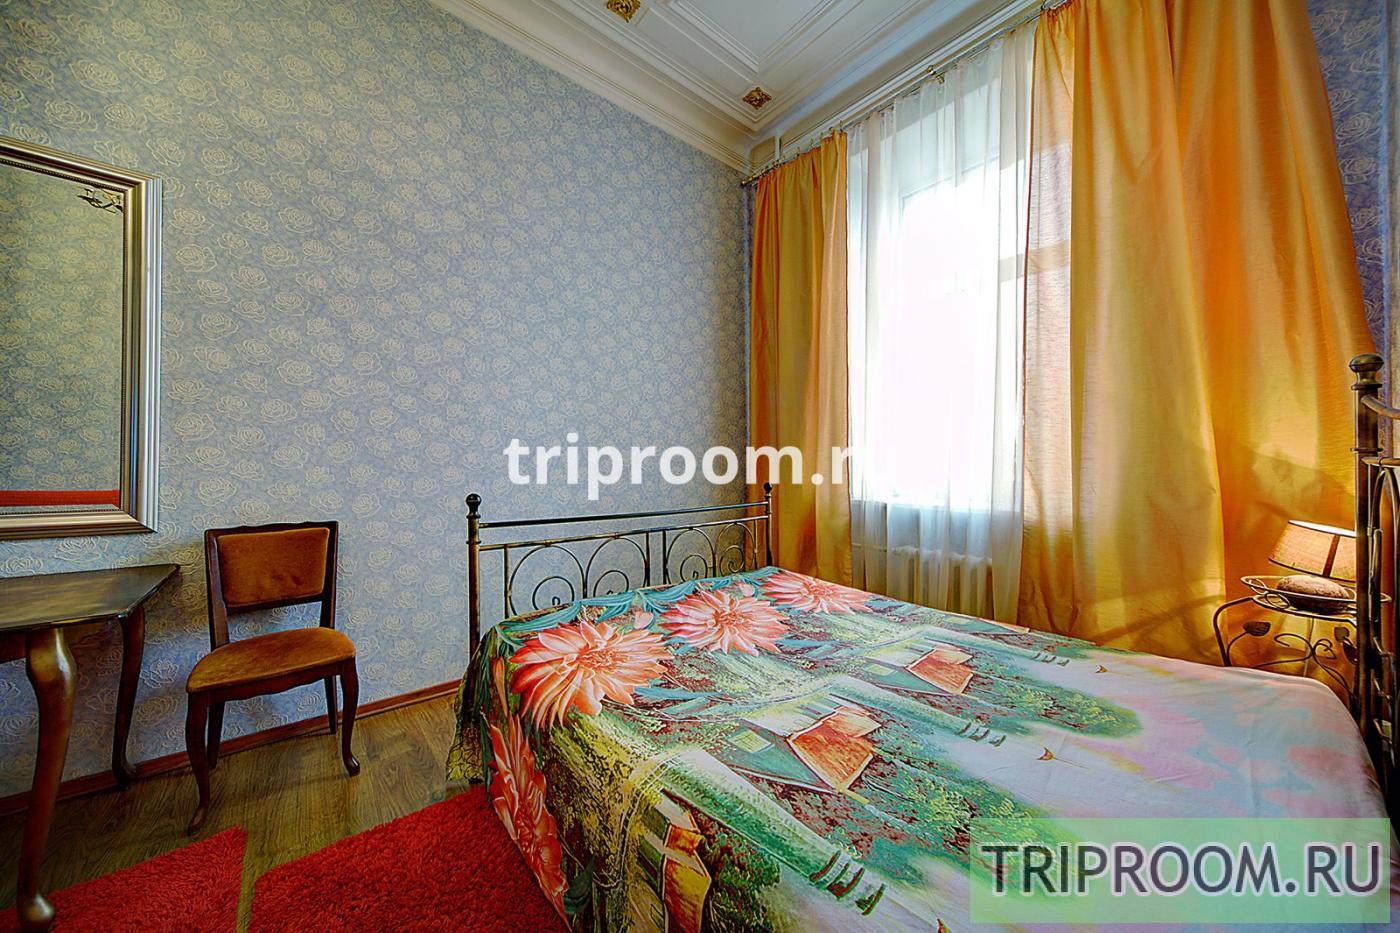 1-комнатная квартира посуточно (вариант № 15424), ул. Итальянская улица, фото № 3